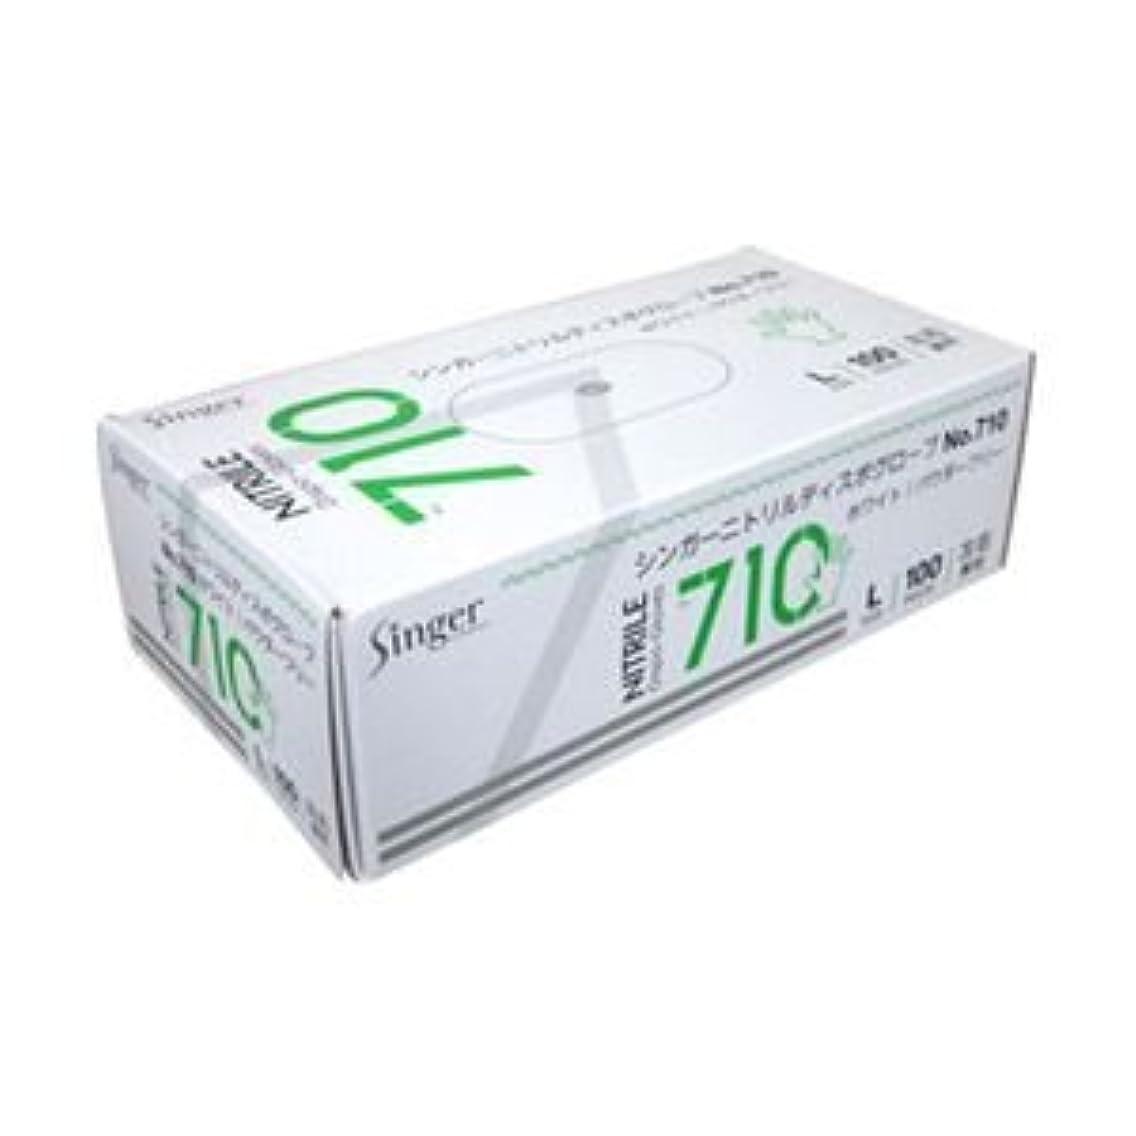 足首仮定、想定。推測肉の(業務用セット) ニトリル手袋 粉なし ホワイト L 1箱(100枚) 【×5セット】 dS-1642153